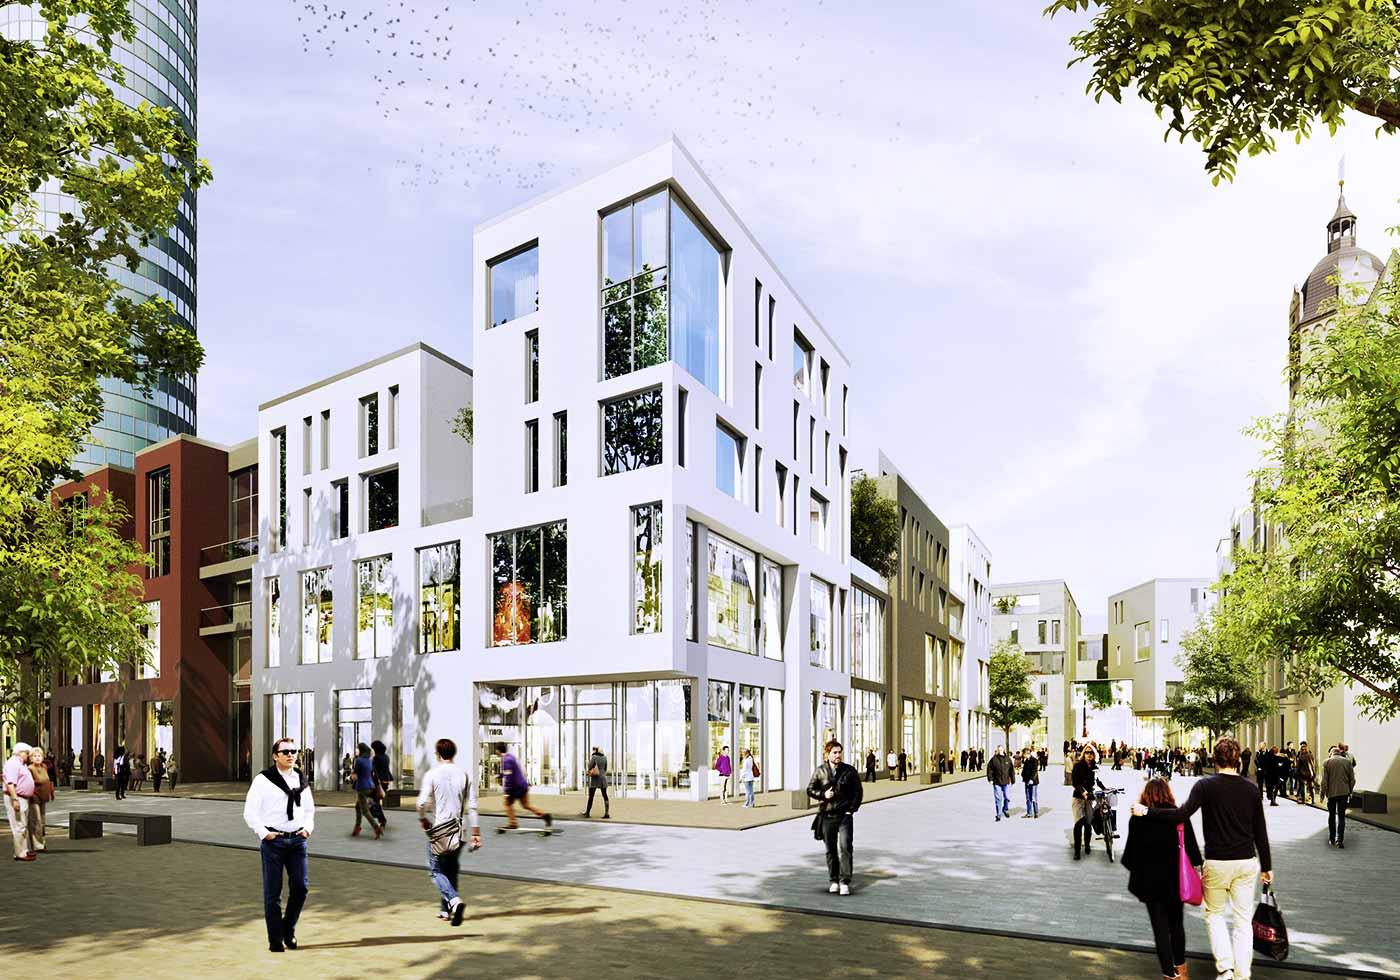 ATP Frankfurt gewinnt städtebaulichen Wettbewerb in Jena